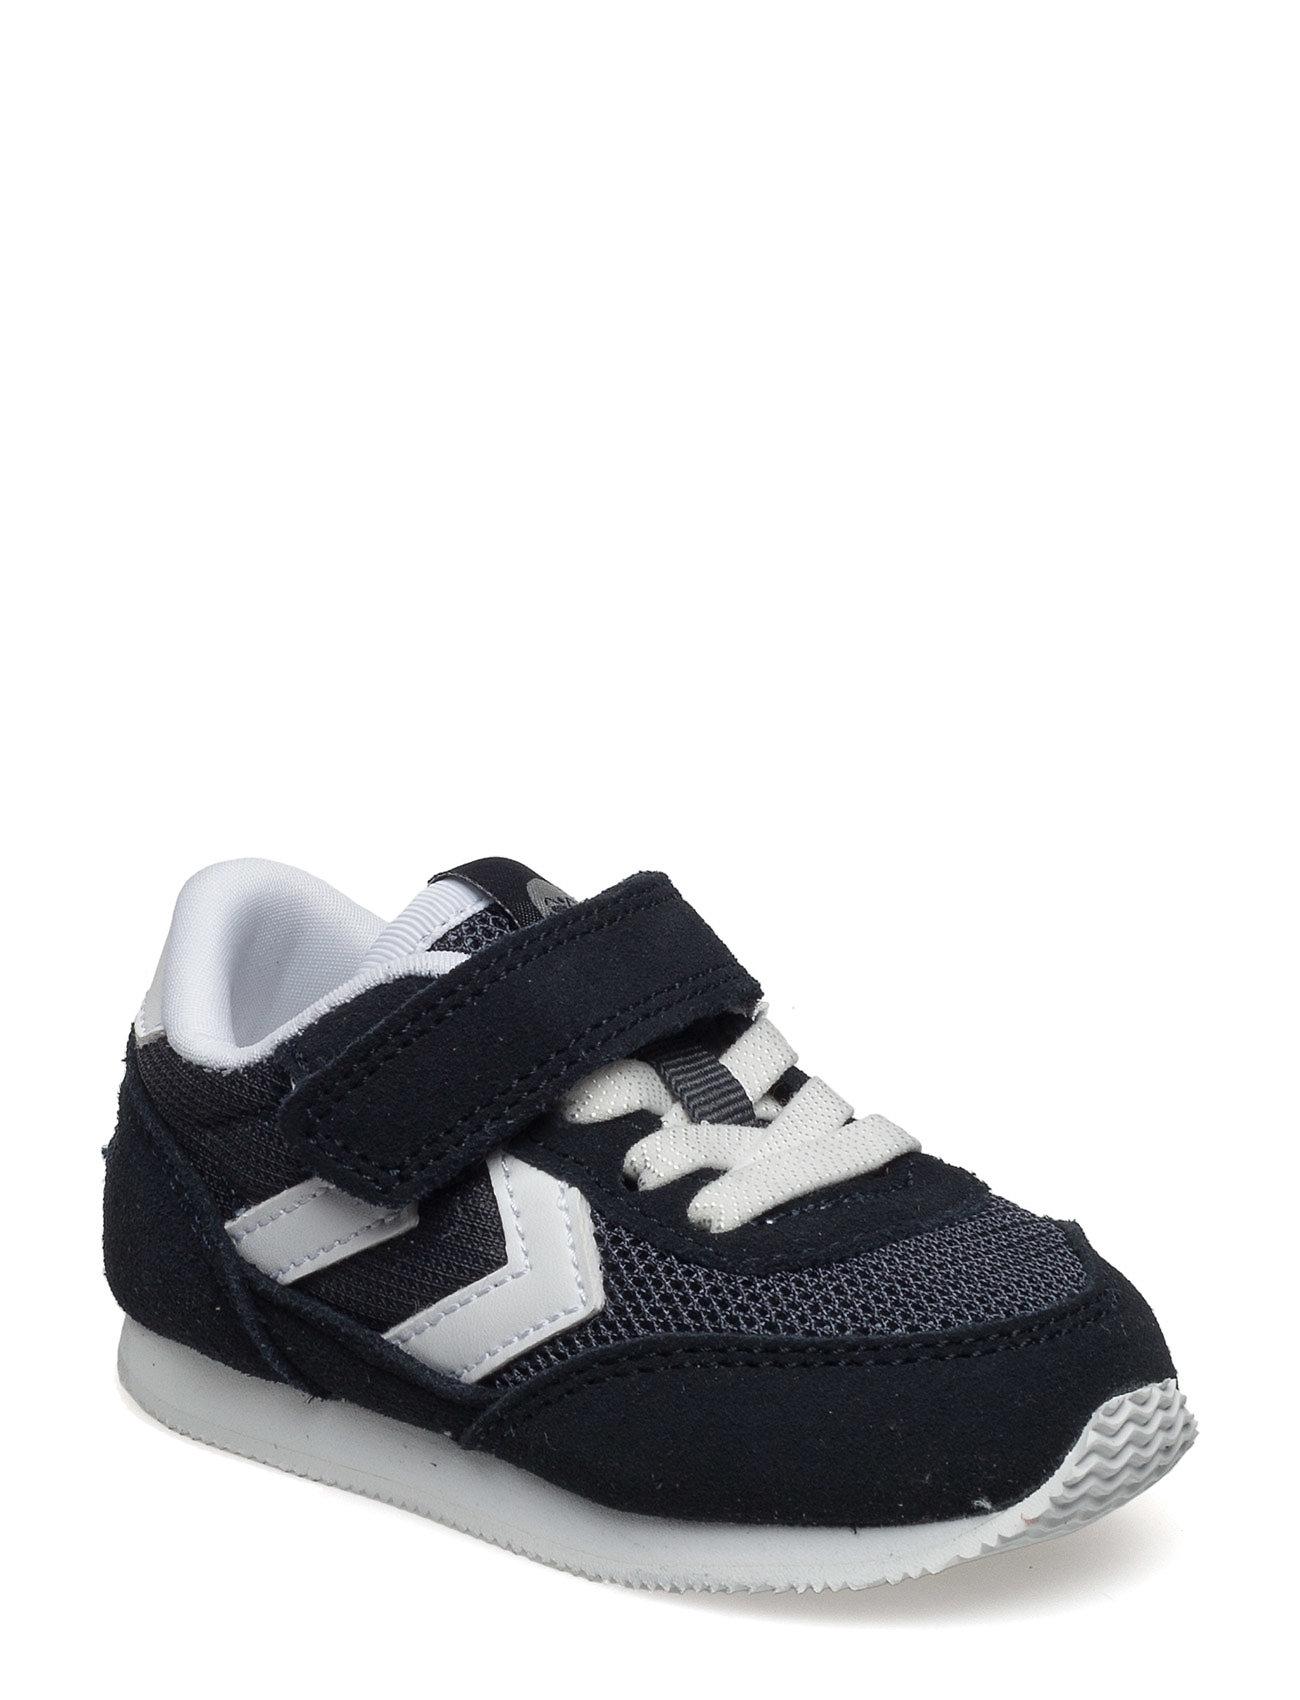 a77bce48b44 Find Reflex Infant Hummel Sko i til Børn i en webshop | Fashionguide.dk